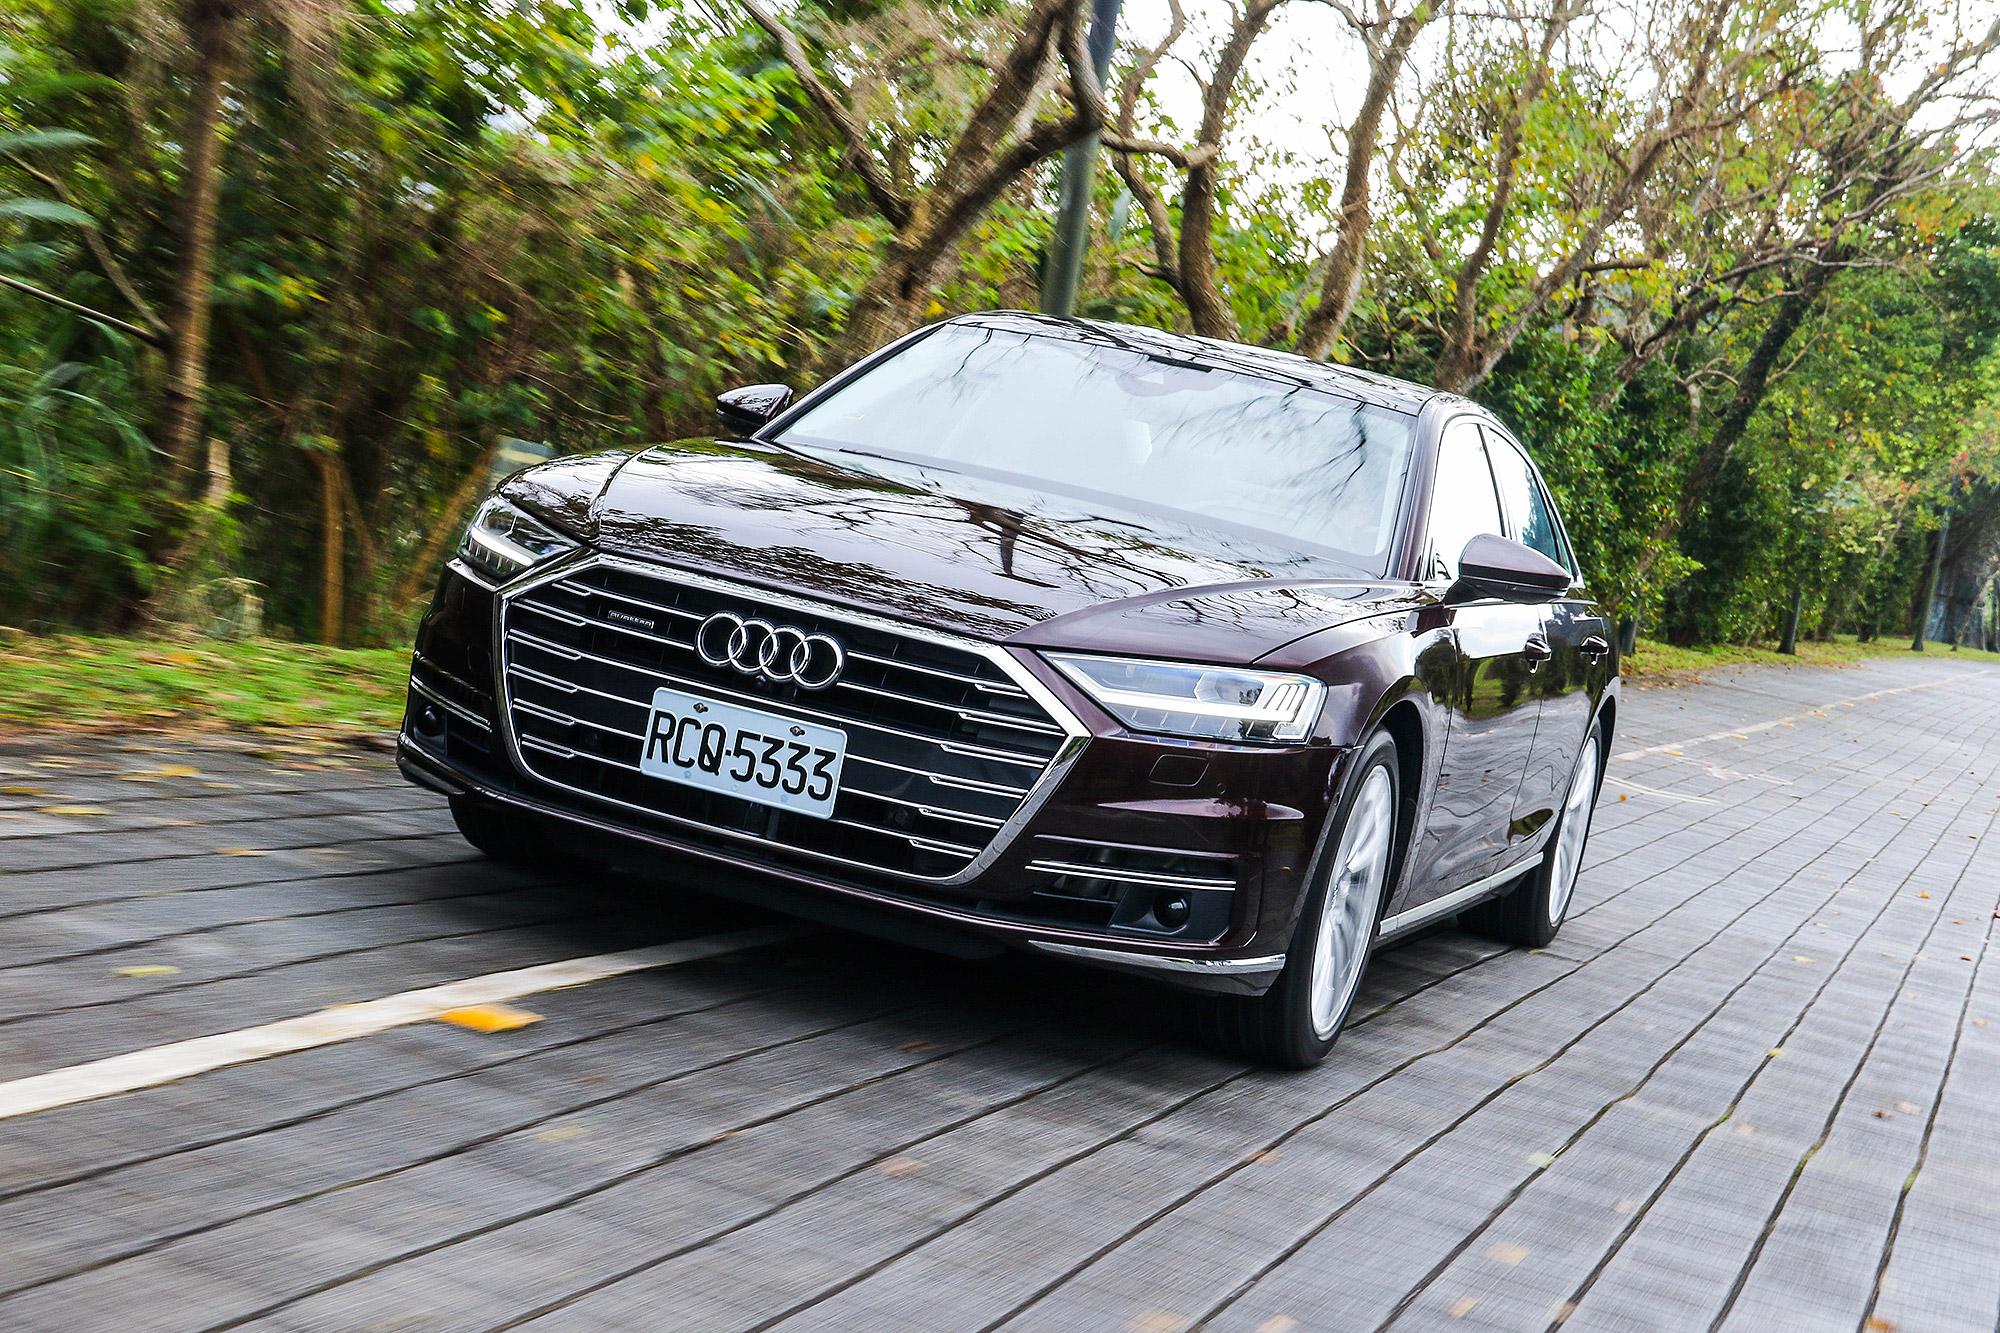 距離新世代 A8 首度在台灣現身將近 2 年, Audi 的旗艦房車終於正式開賣。